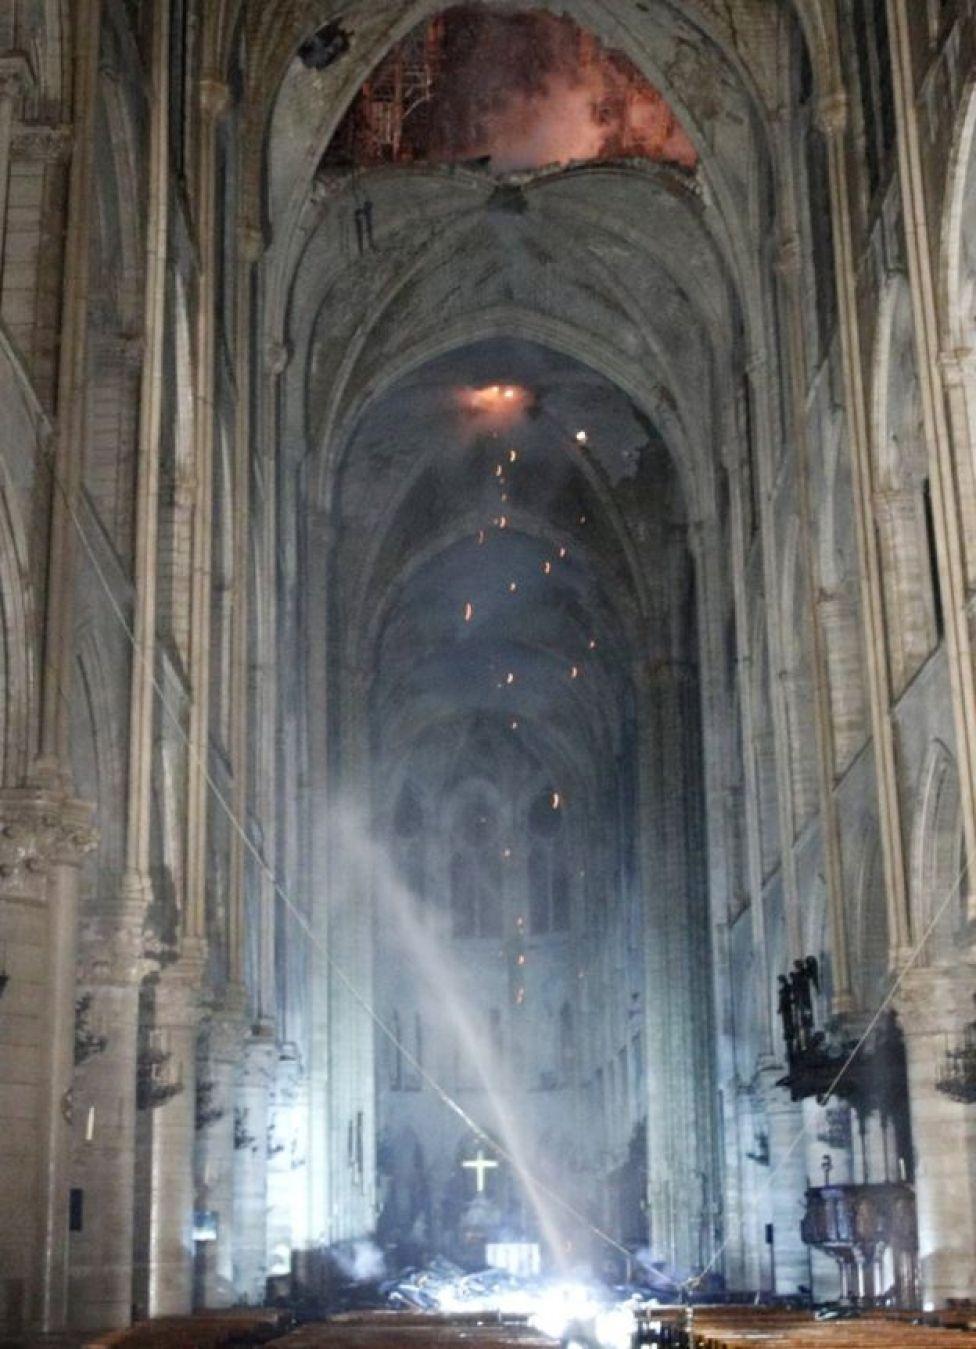 الكاتدرائية من الداخل بعد الحريق